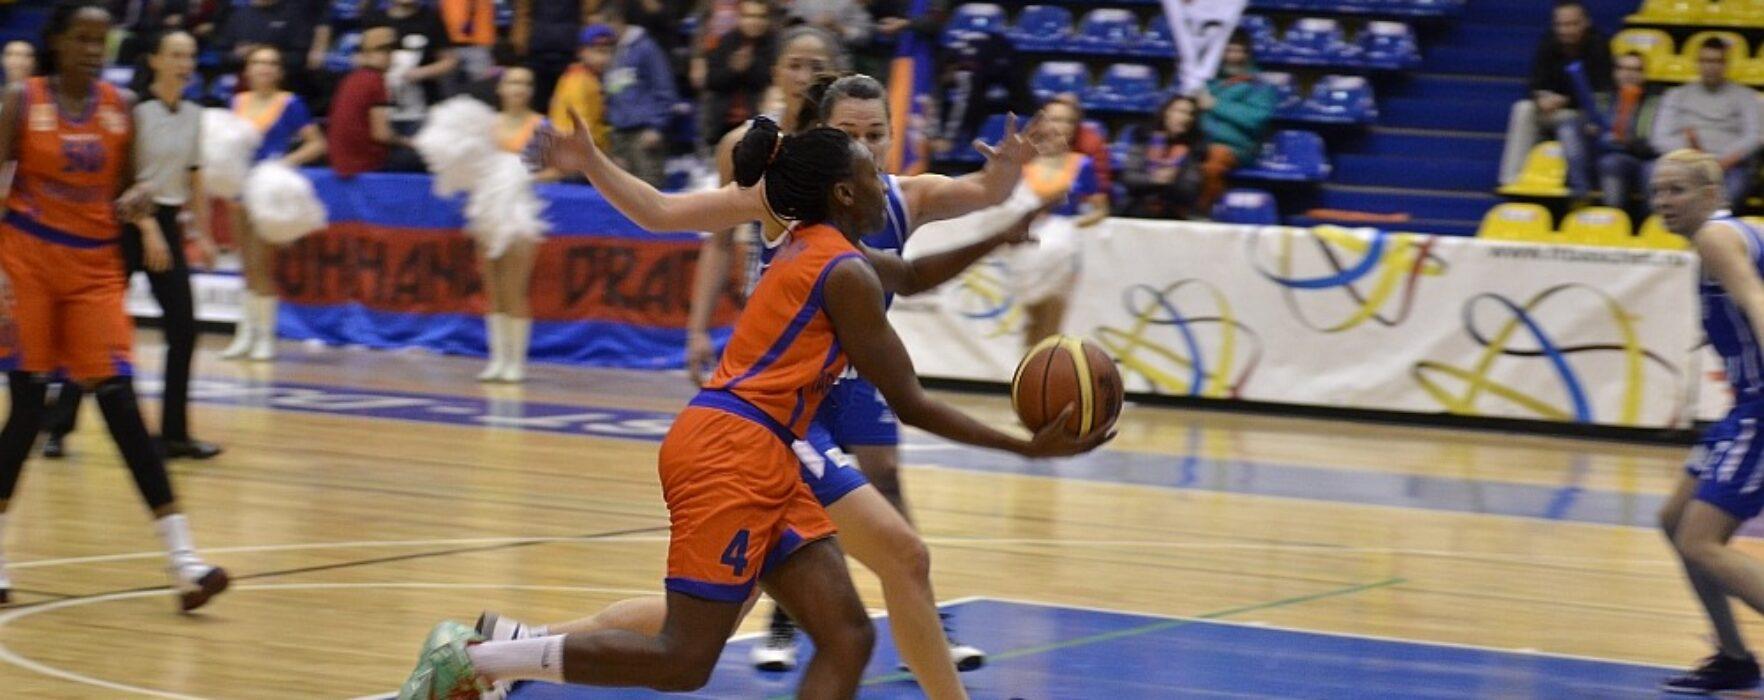 Echipa de baschet feminin CSM Târgovişte, pe locul 2 în Liga Naţională